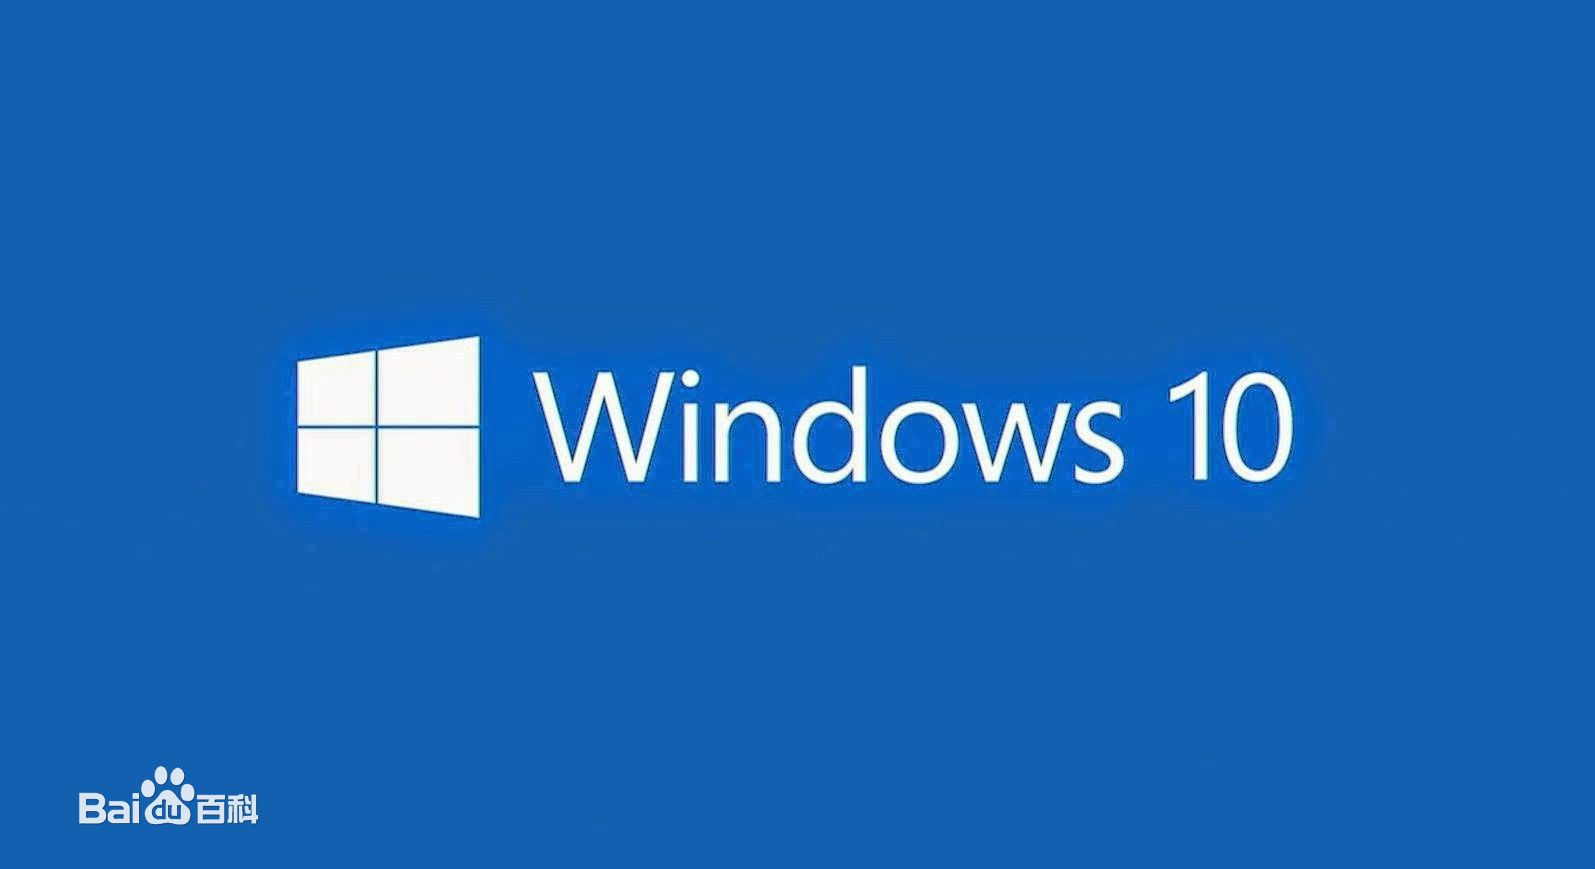 Windows 10图片 百度百科